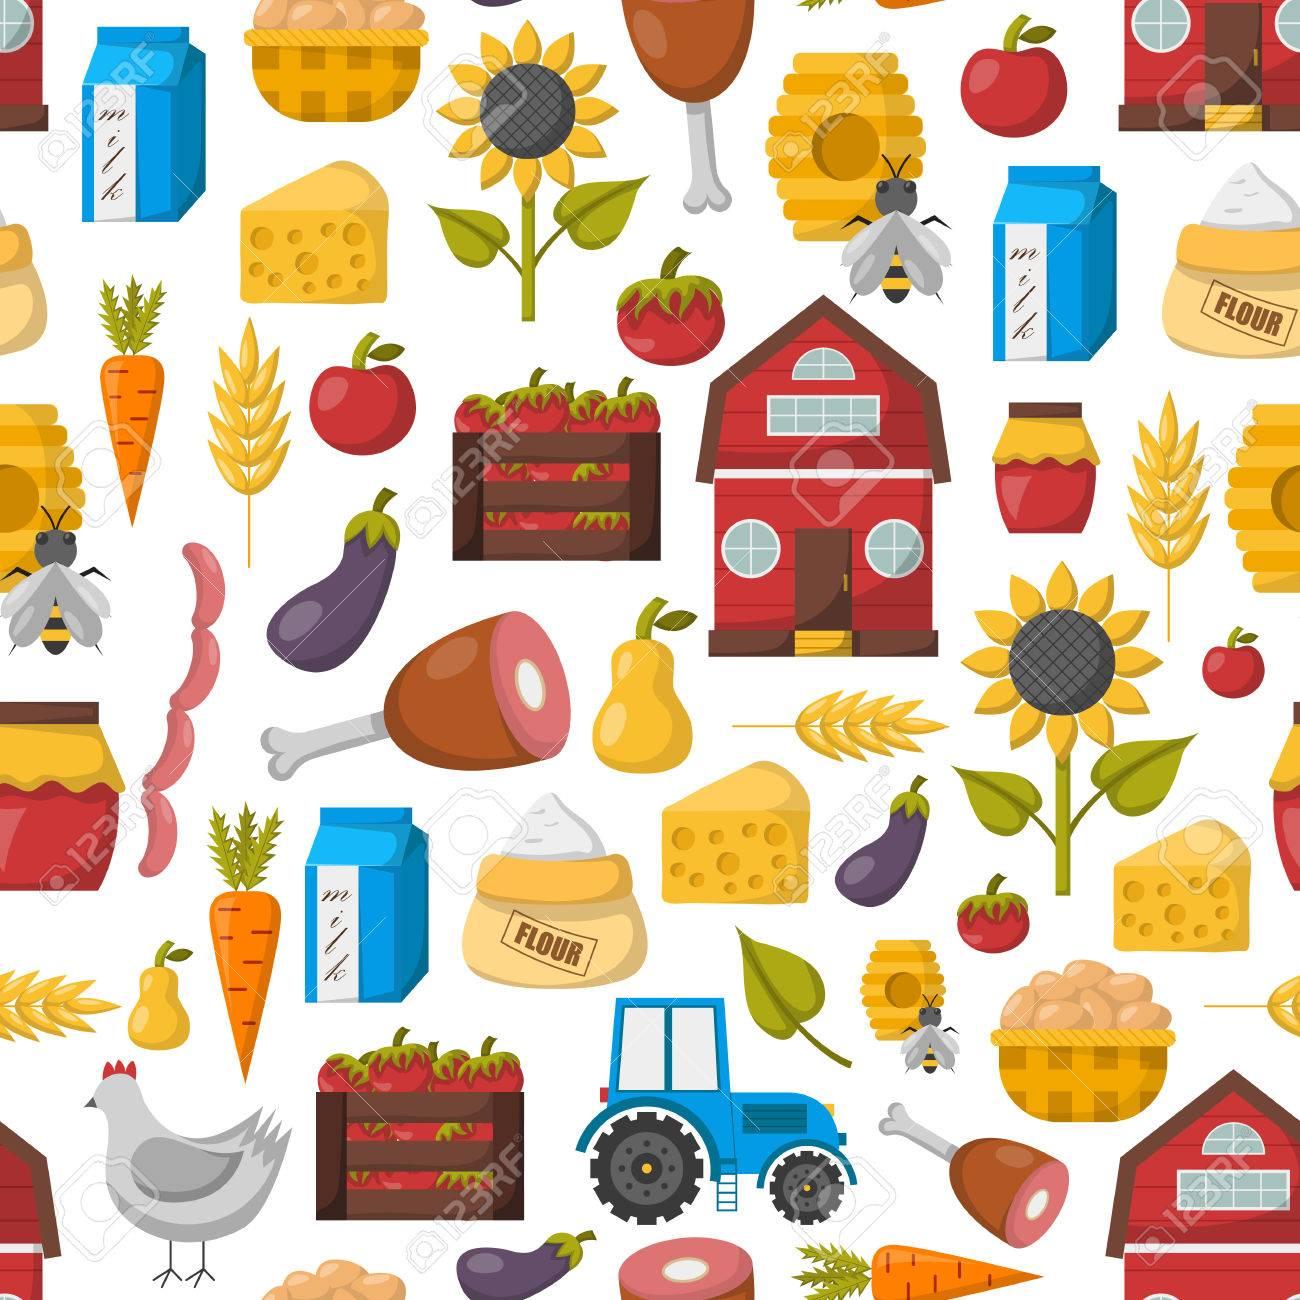 ベクトル イラスト漫画ファーム市場背景を持つ有機農場のコンセプト